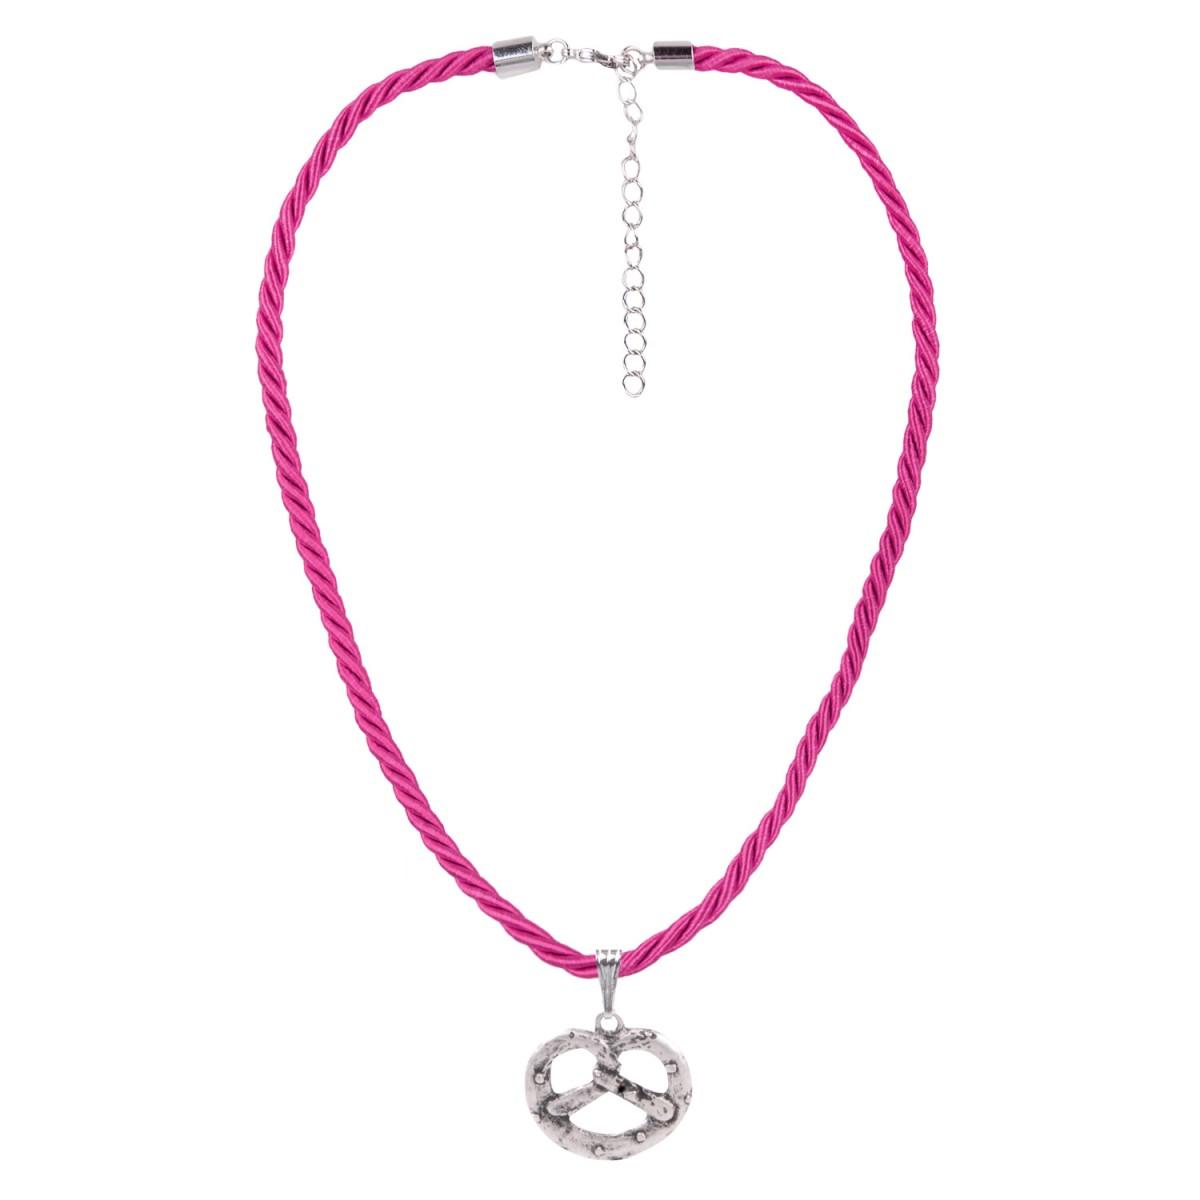 Kordelkette in Pink mit Brezel von Schlick Accessoires günstig online kaufen